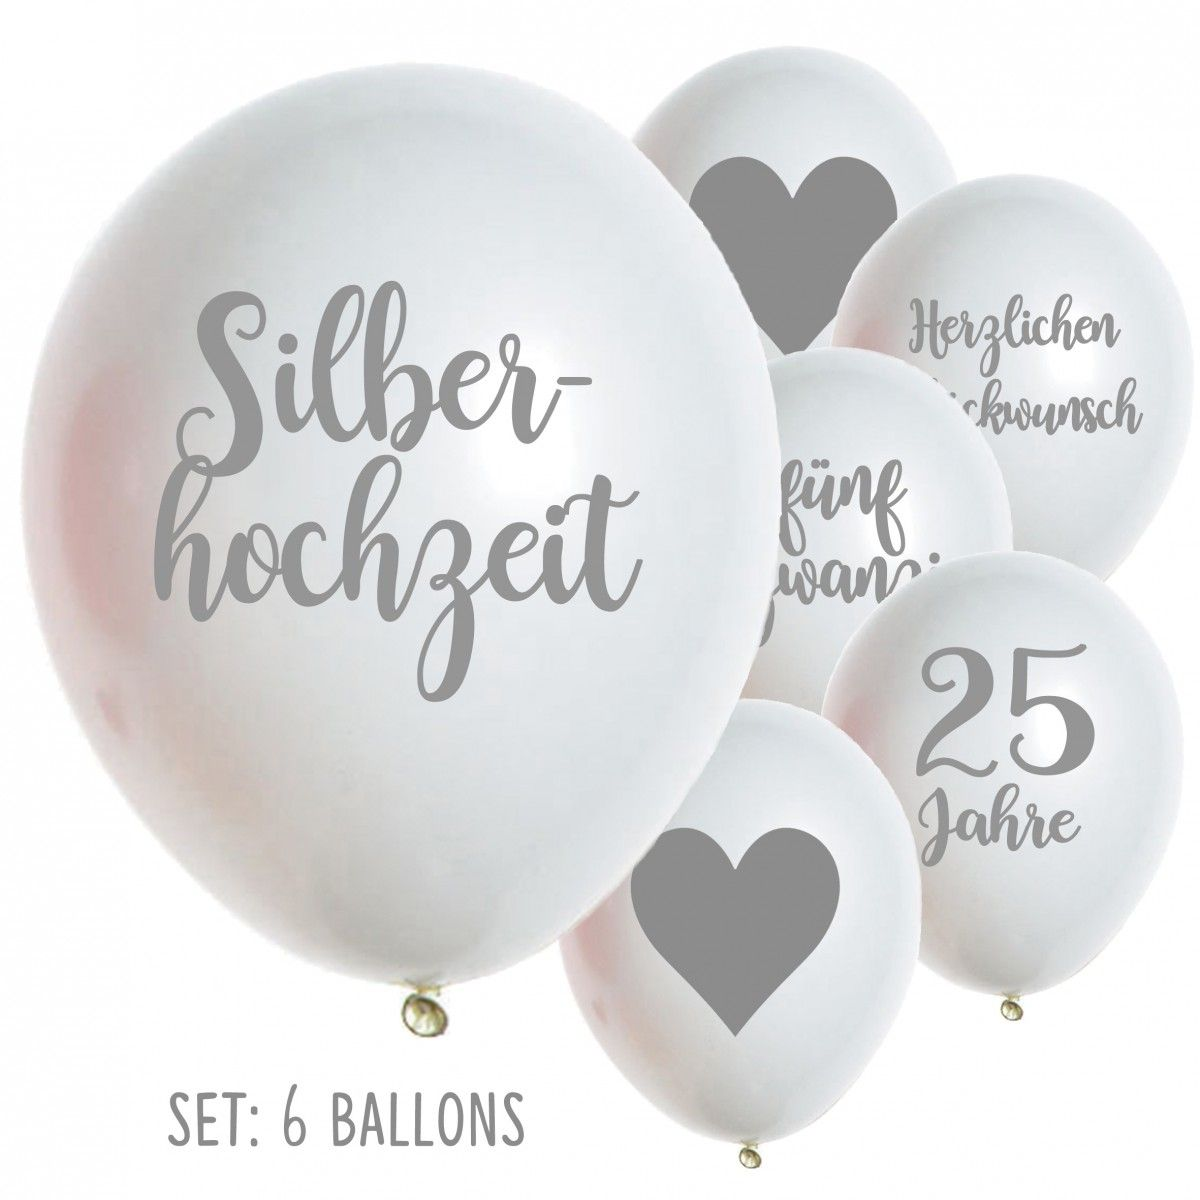 Latexballon  Silberhochzeit 25 Jahre  Silberhochzeit  Silver anniversary  Wedding balloons